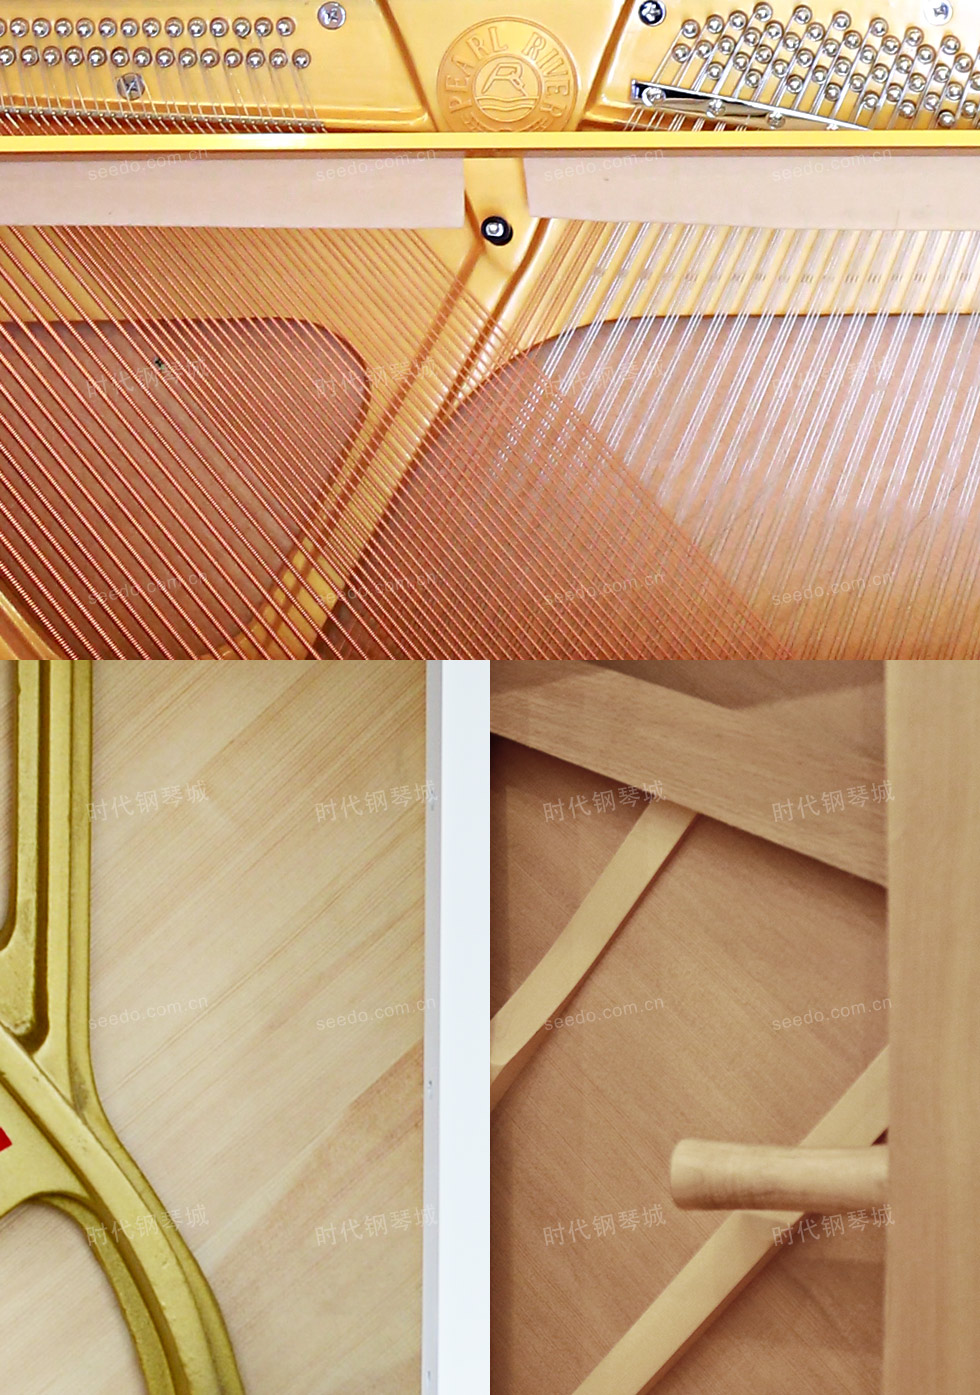 珠江-UP125P1采用德国ROSLAU琴弦